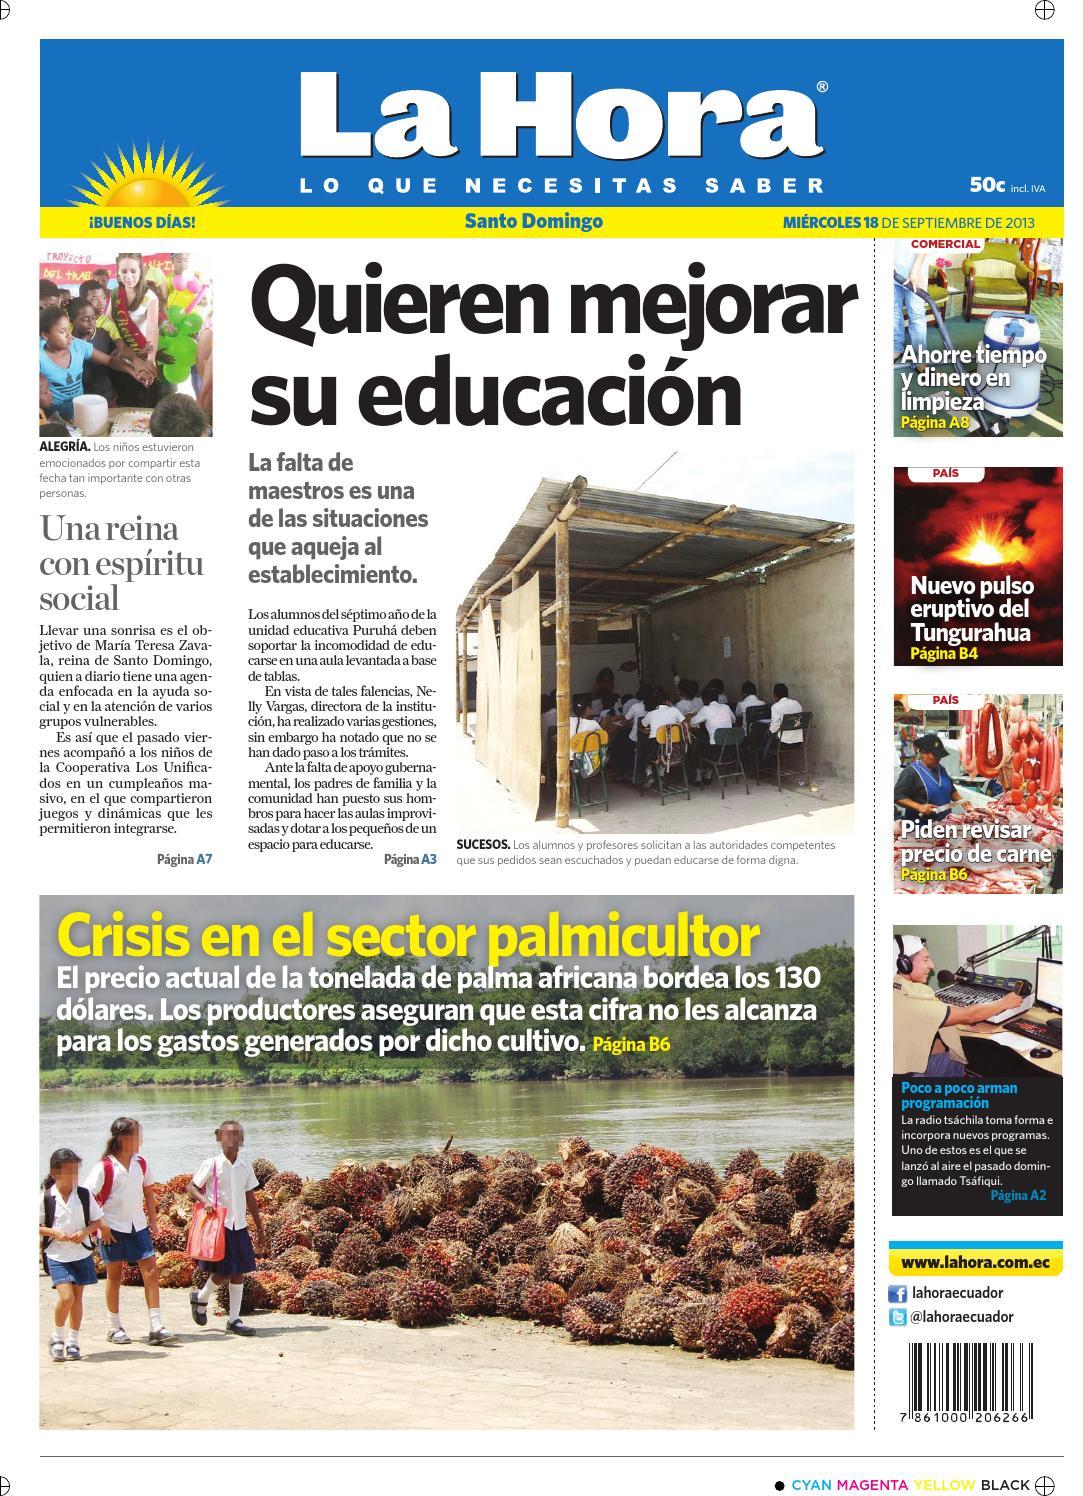 Muebles Viktoria Guayaquil - La Hora Santo Domingo 18 Septiembre 2013 By Diario La Hora Ecuador [mjhdah]https://image.isu.pub/171118020811-d80d91559046e0f59ef7f936af7b74fd/jpg/page_1.jpg